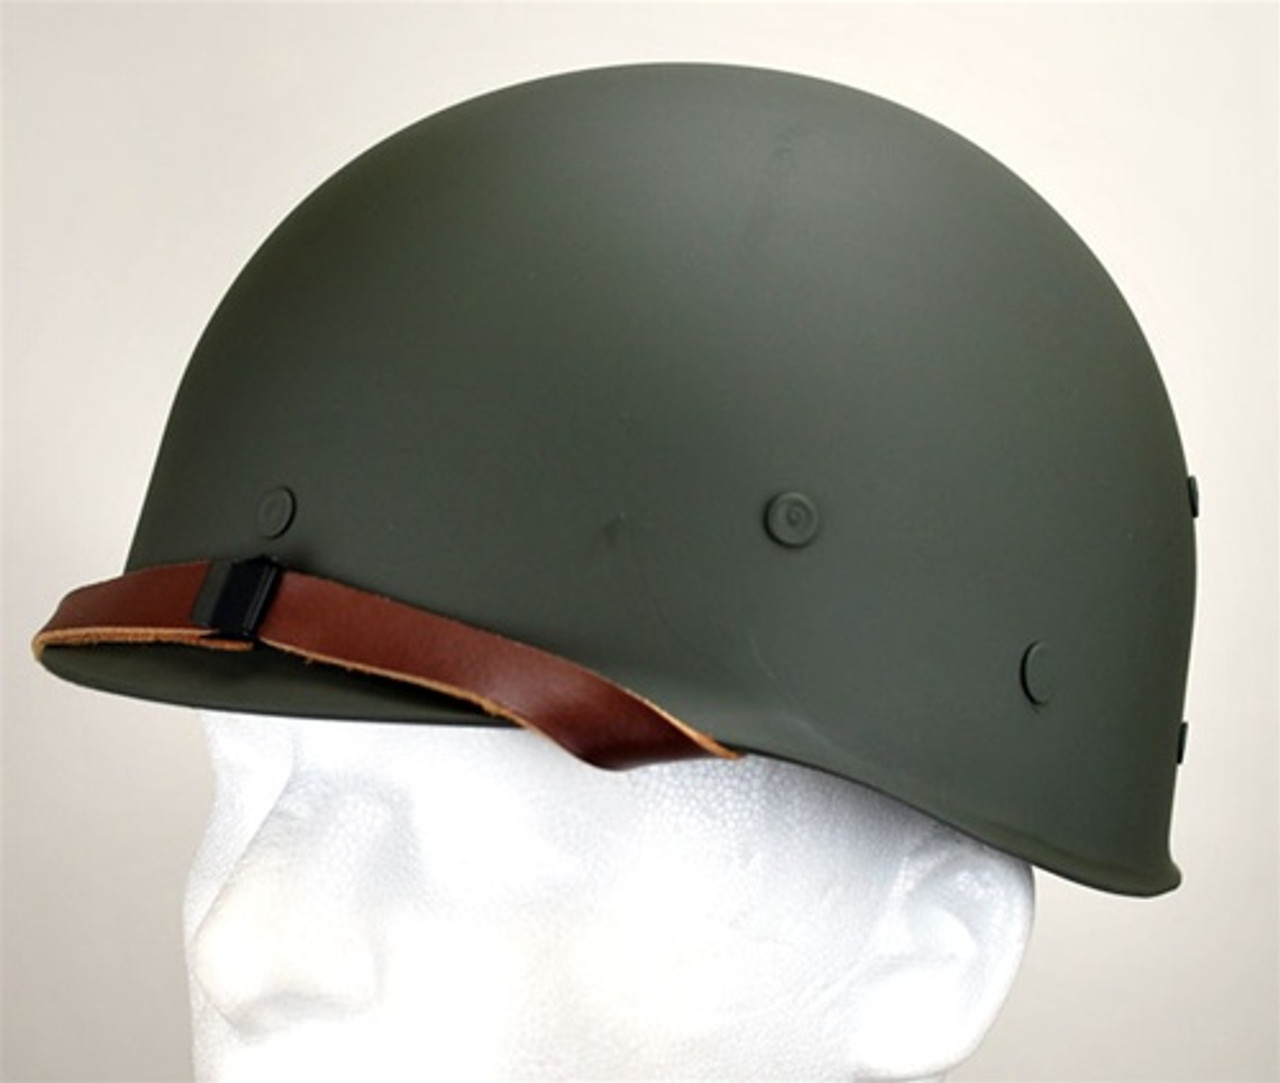 M1 Helmet Liner from Hessen Antique